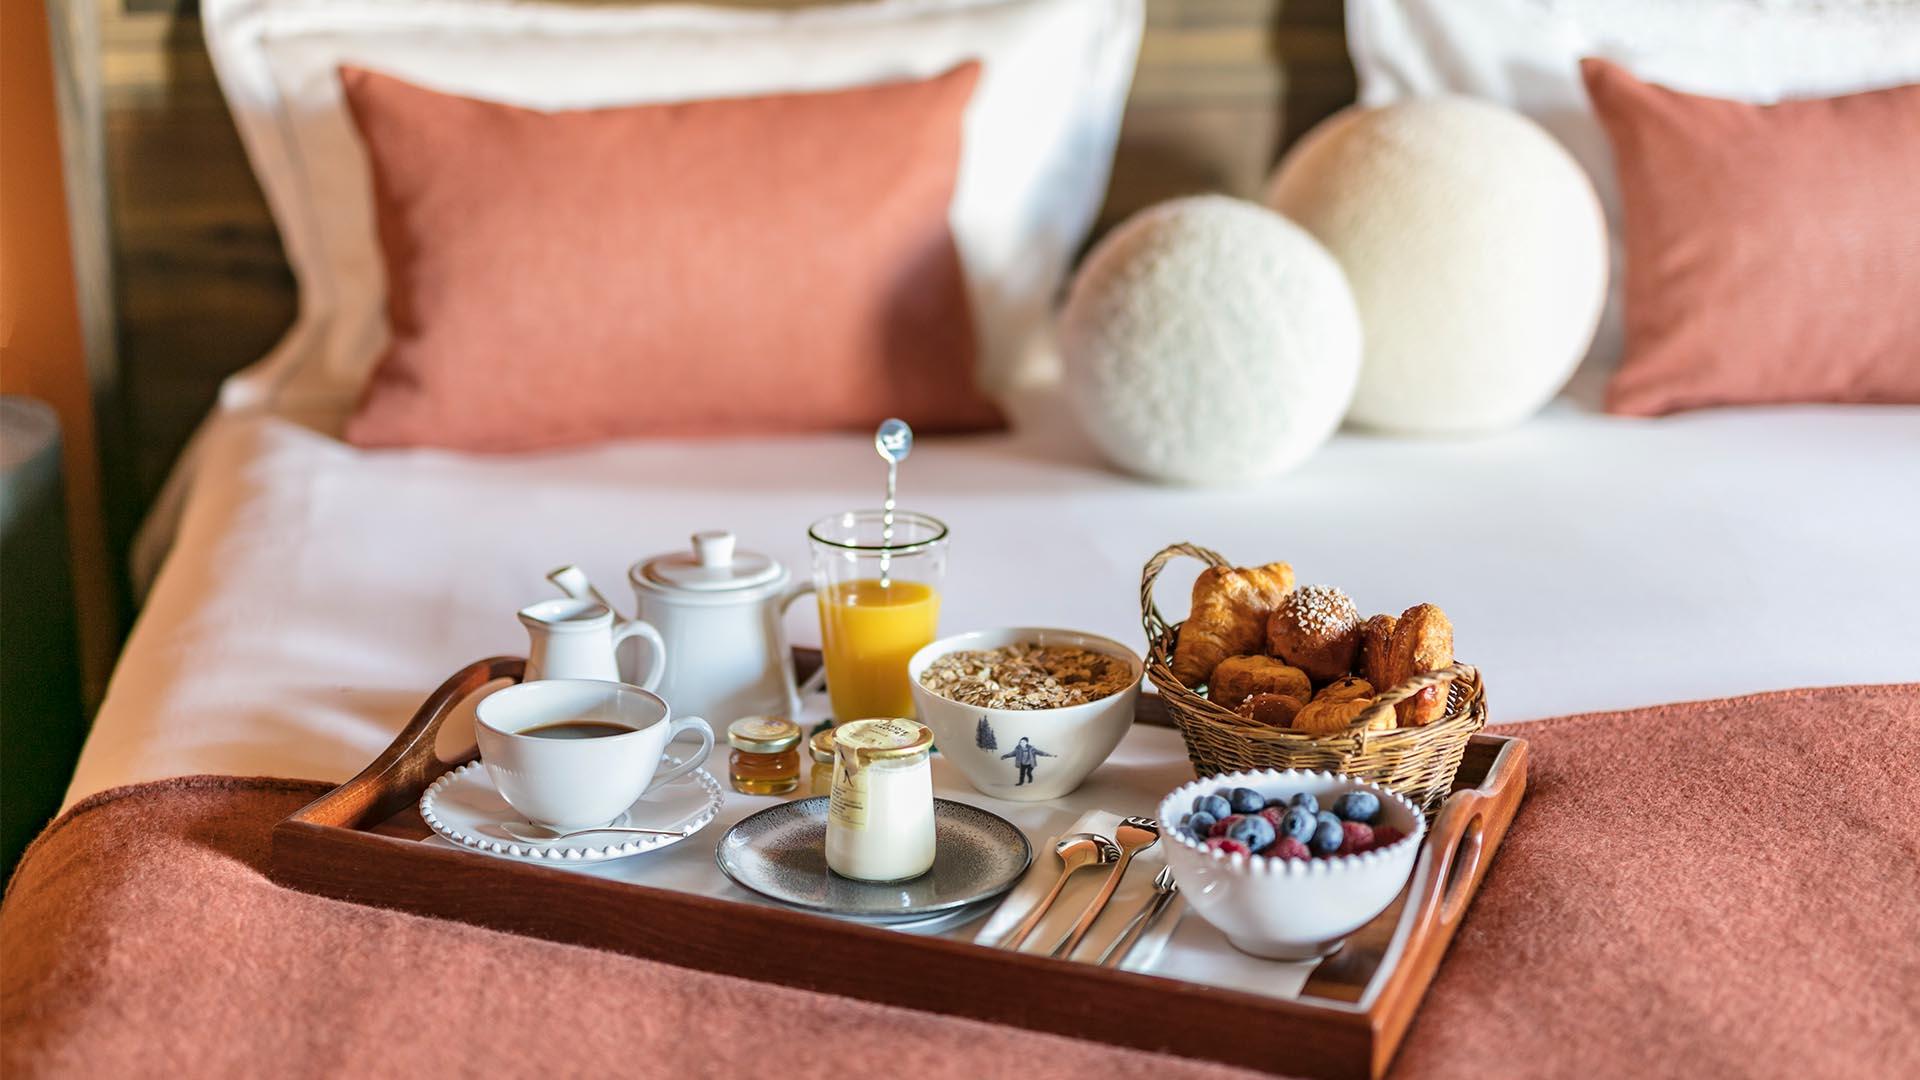 Breakfast in bed: 10 dreamy hotel room service spreads